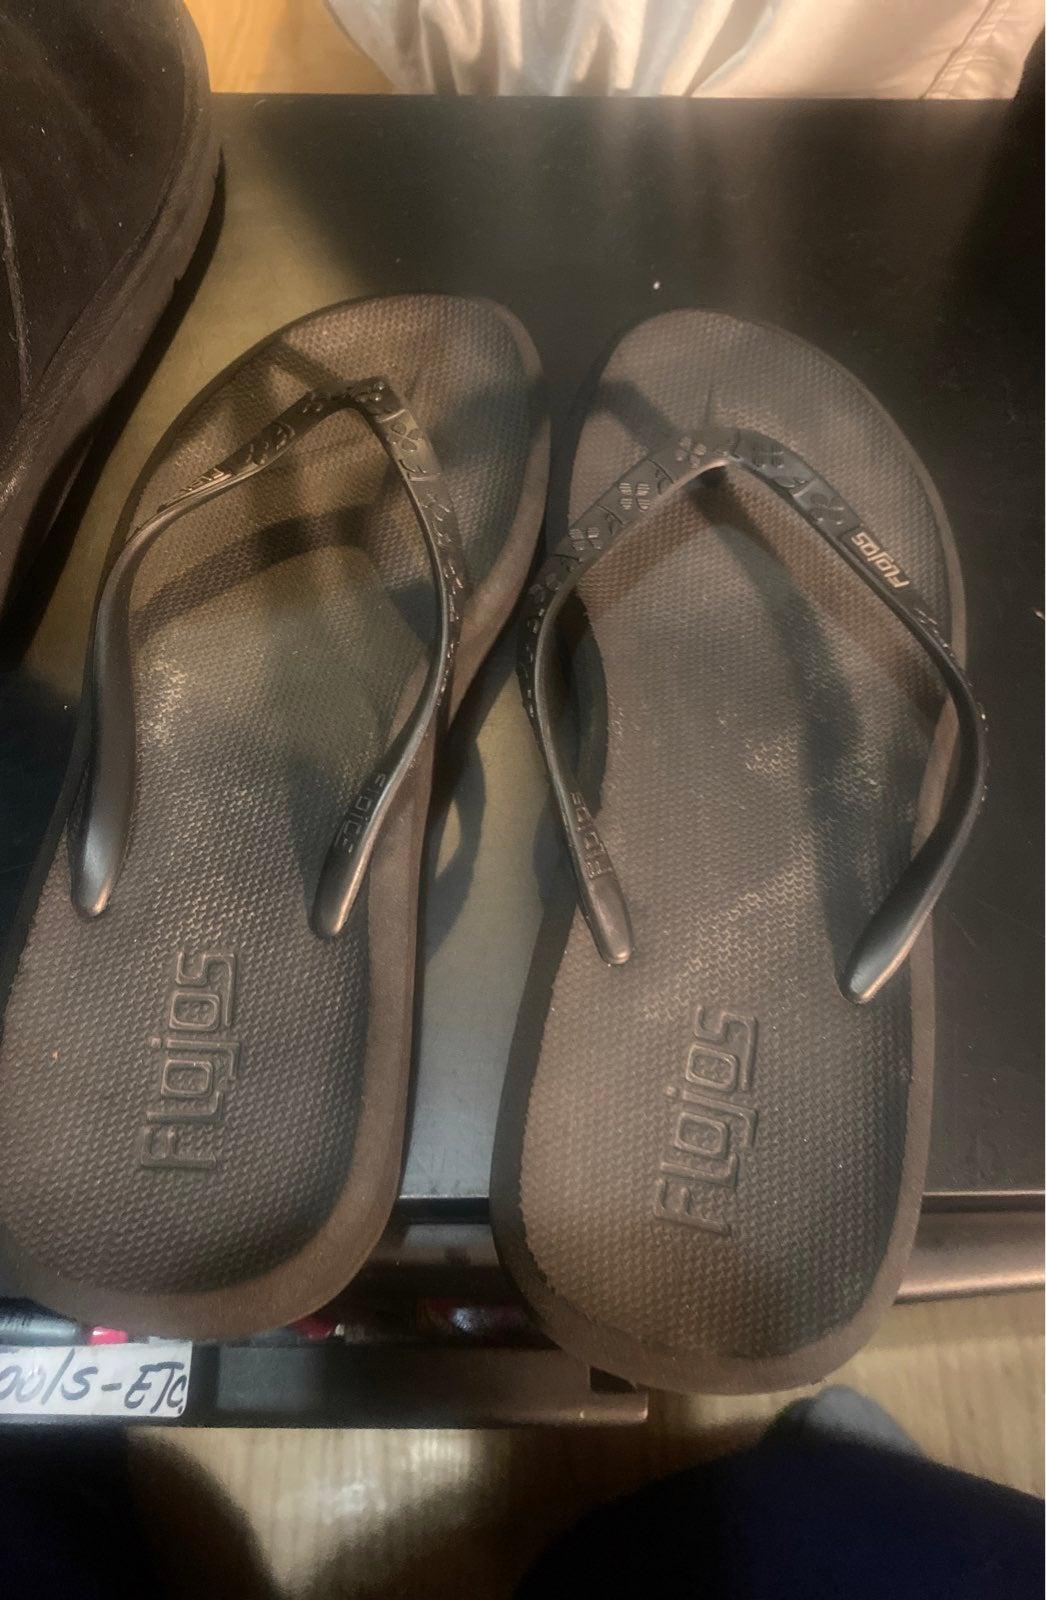 Flonos Sandals size 8/9 authentic black